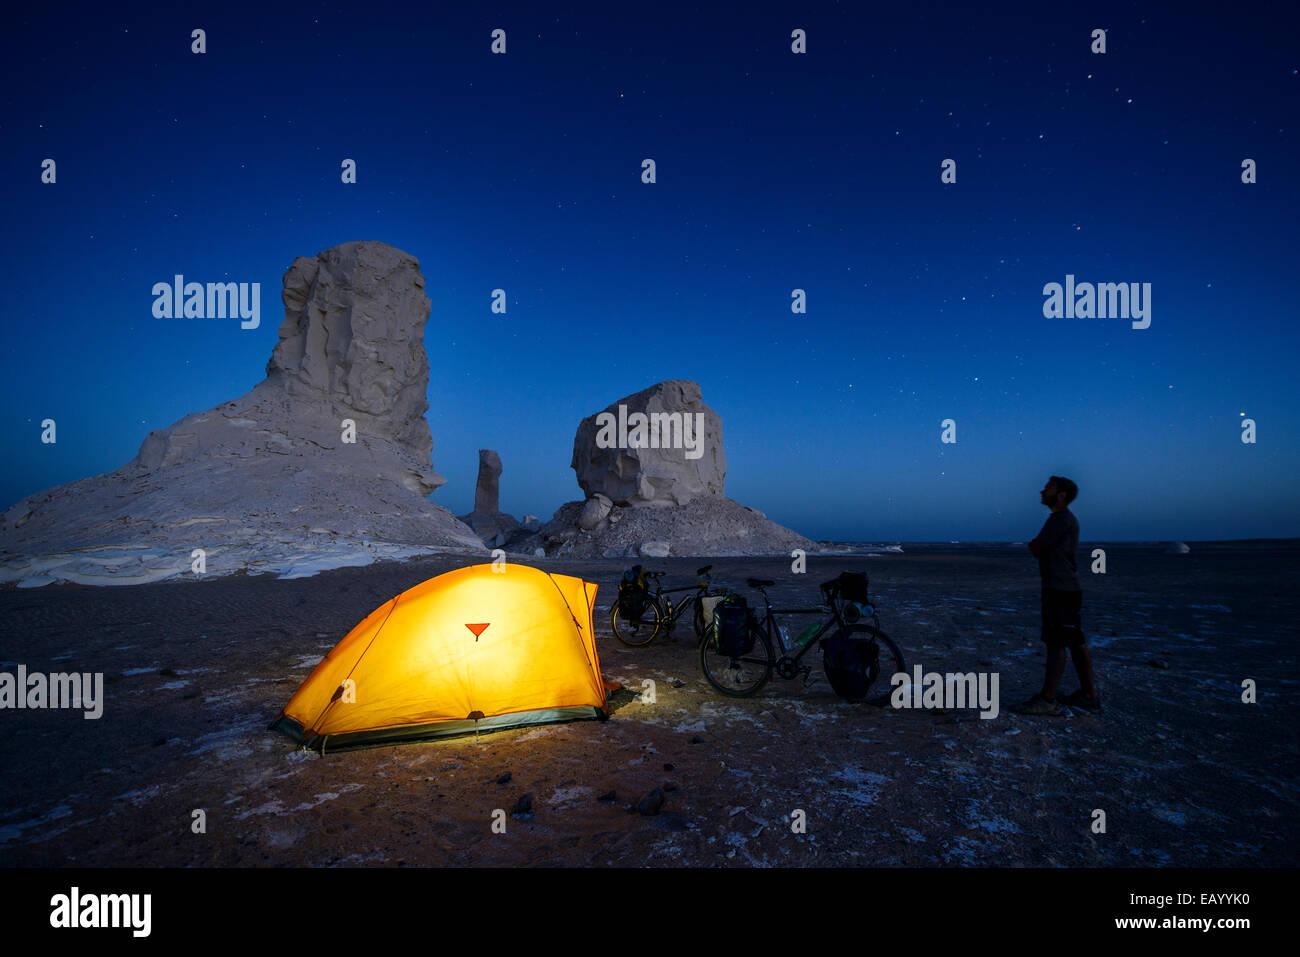 Campeggio nel Sahara Deserto Bianco, Egitto Foto Stock